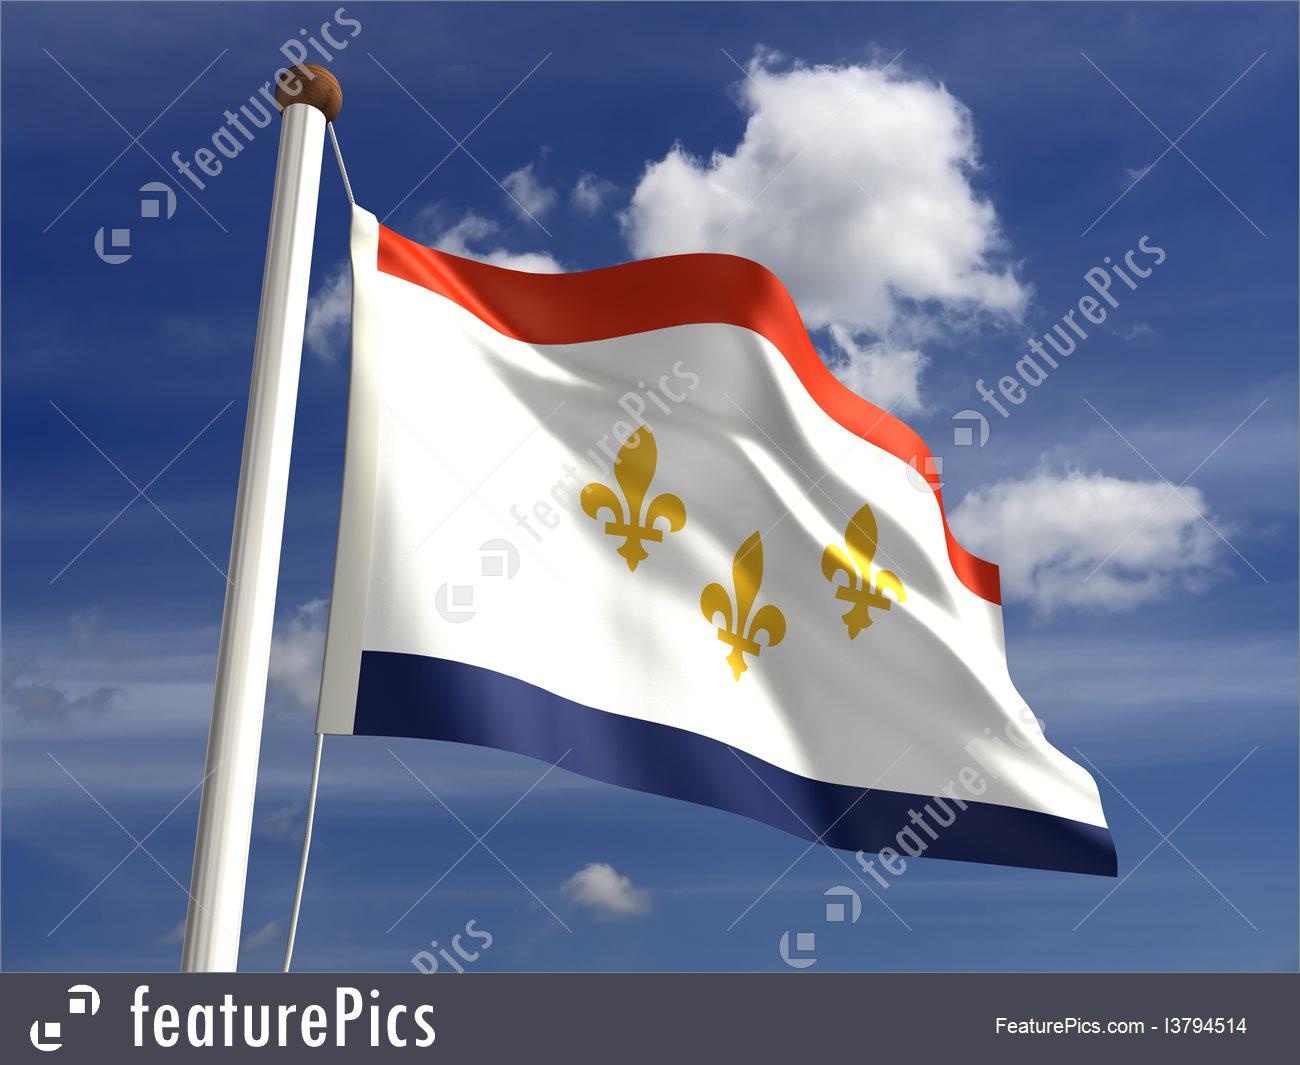 new-orleans-flag-stock-illustration-2794514